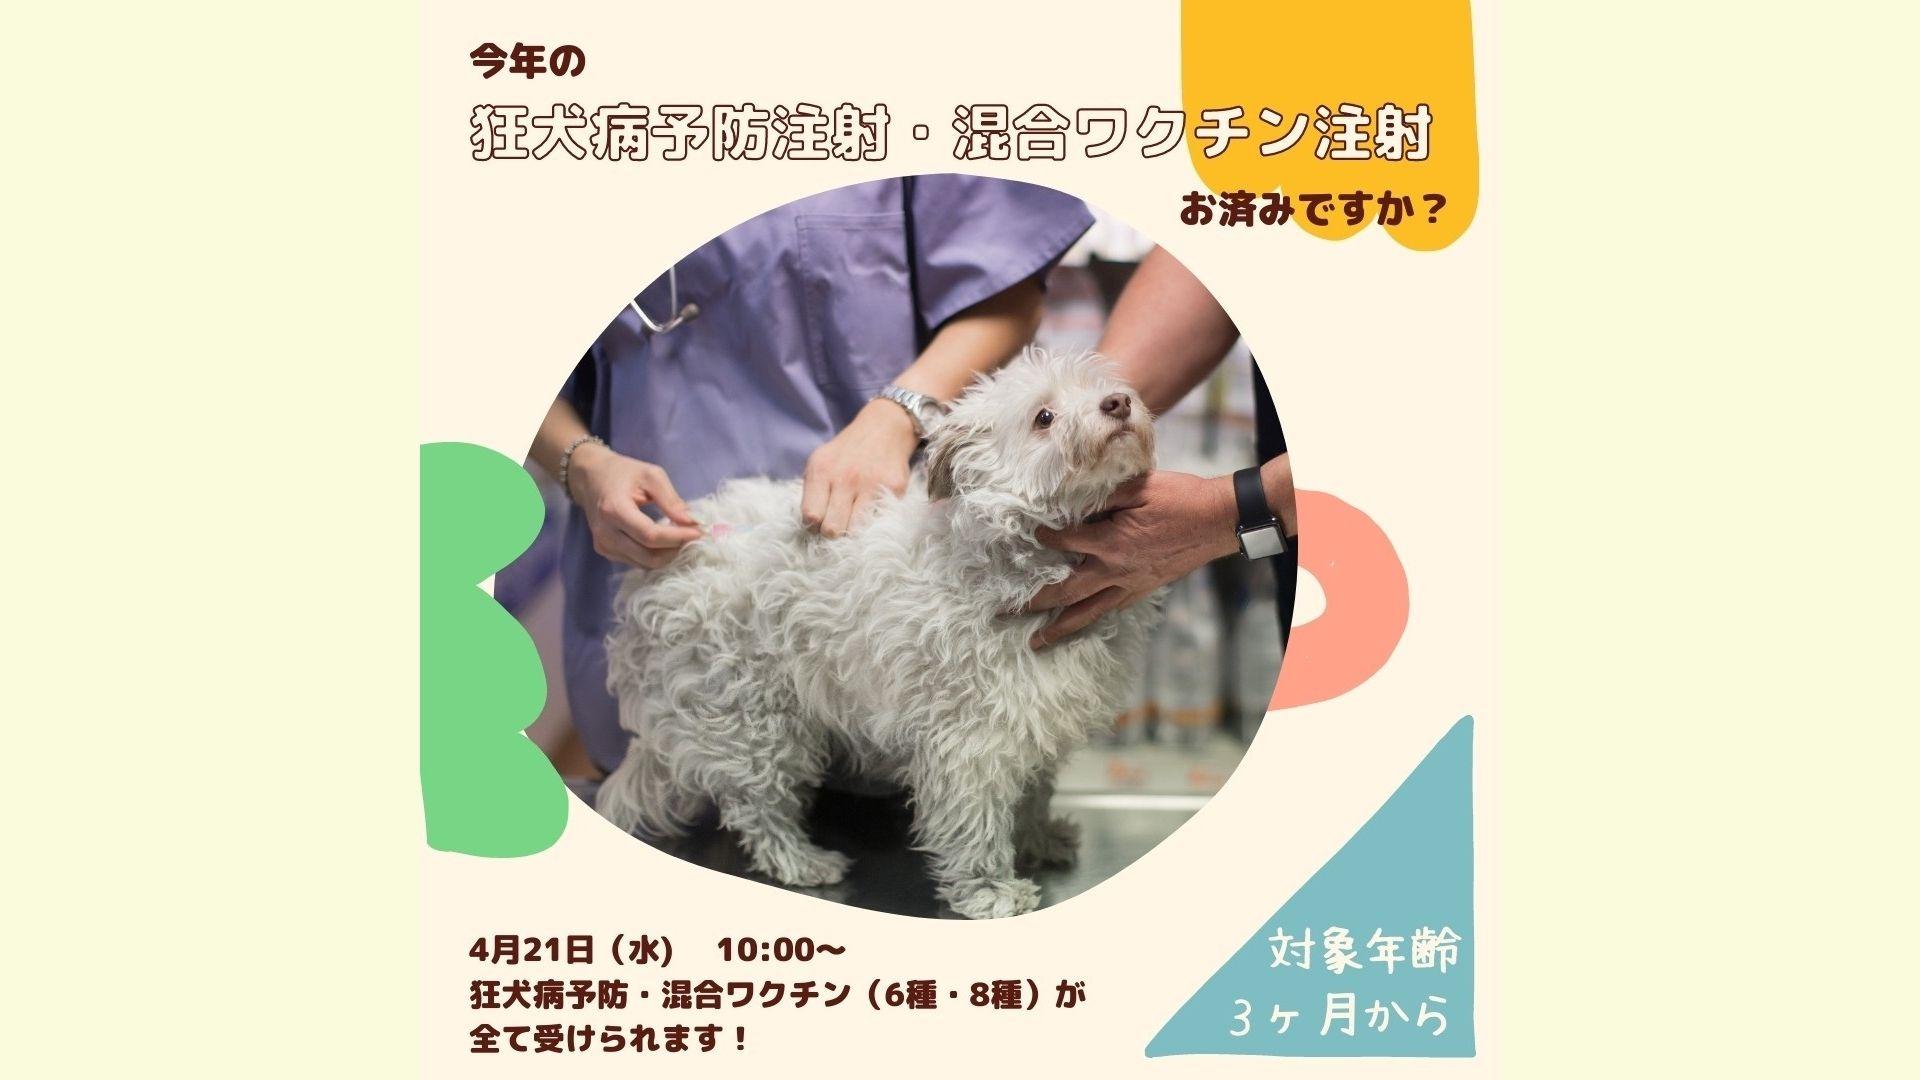 5/26  狂犬病予防接種&混合ワクチン接種と獣医師との相談会